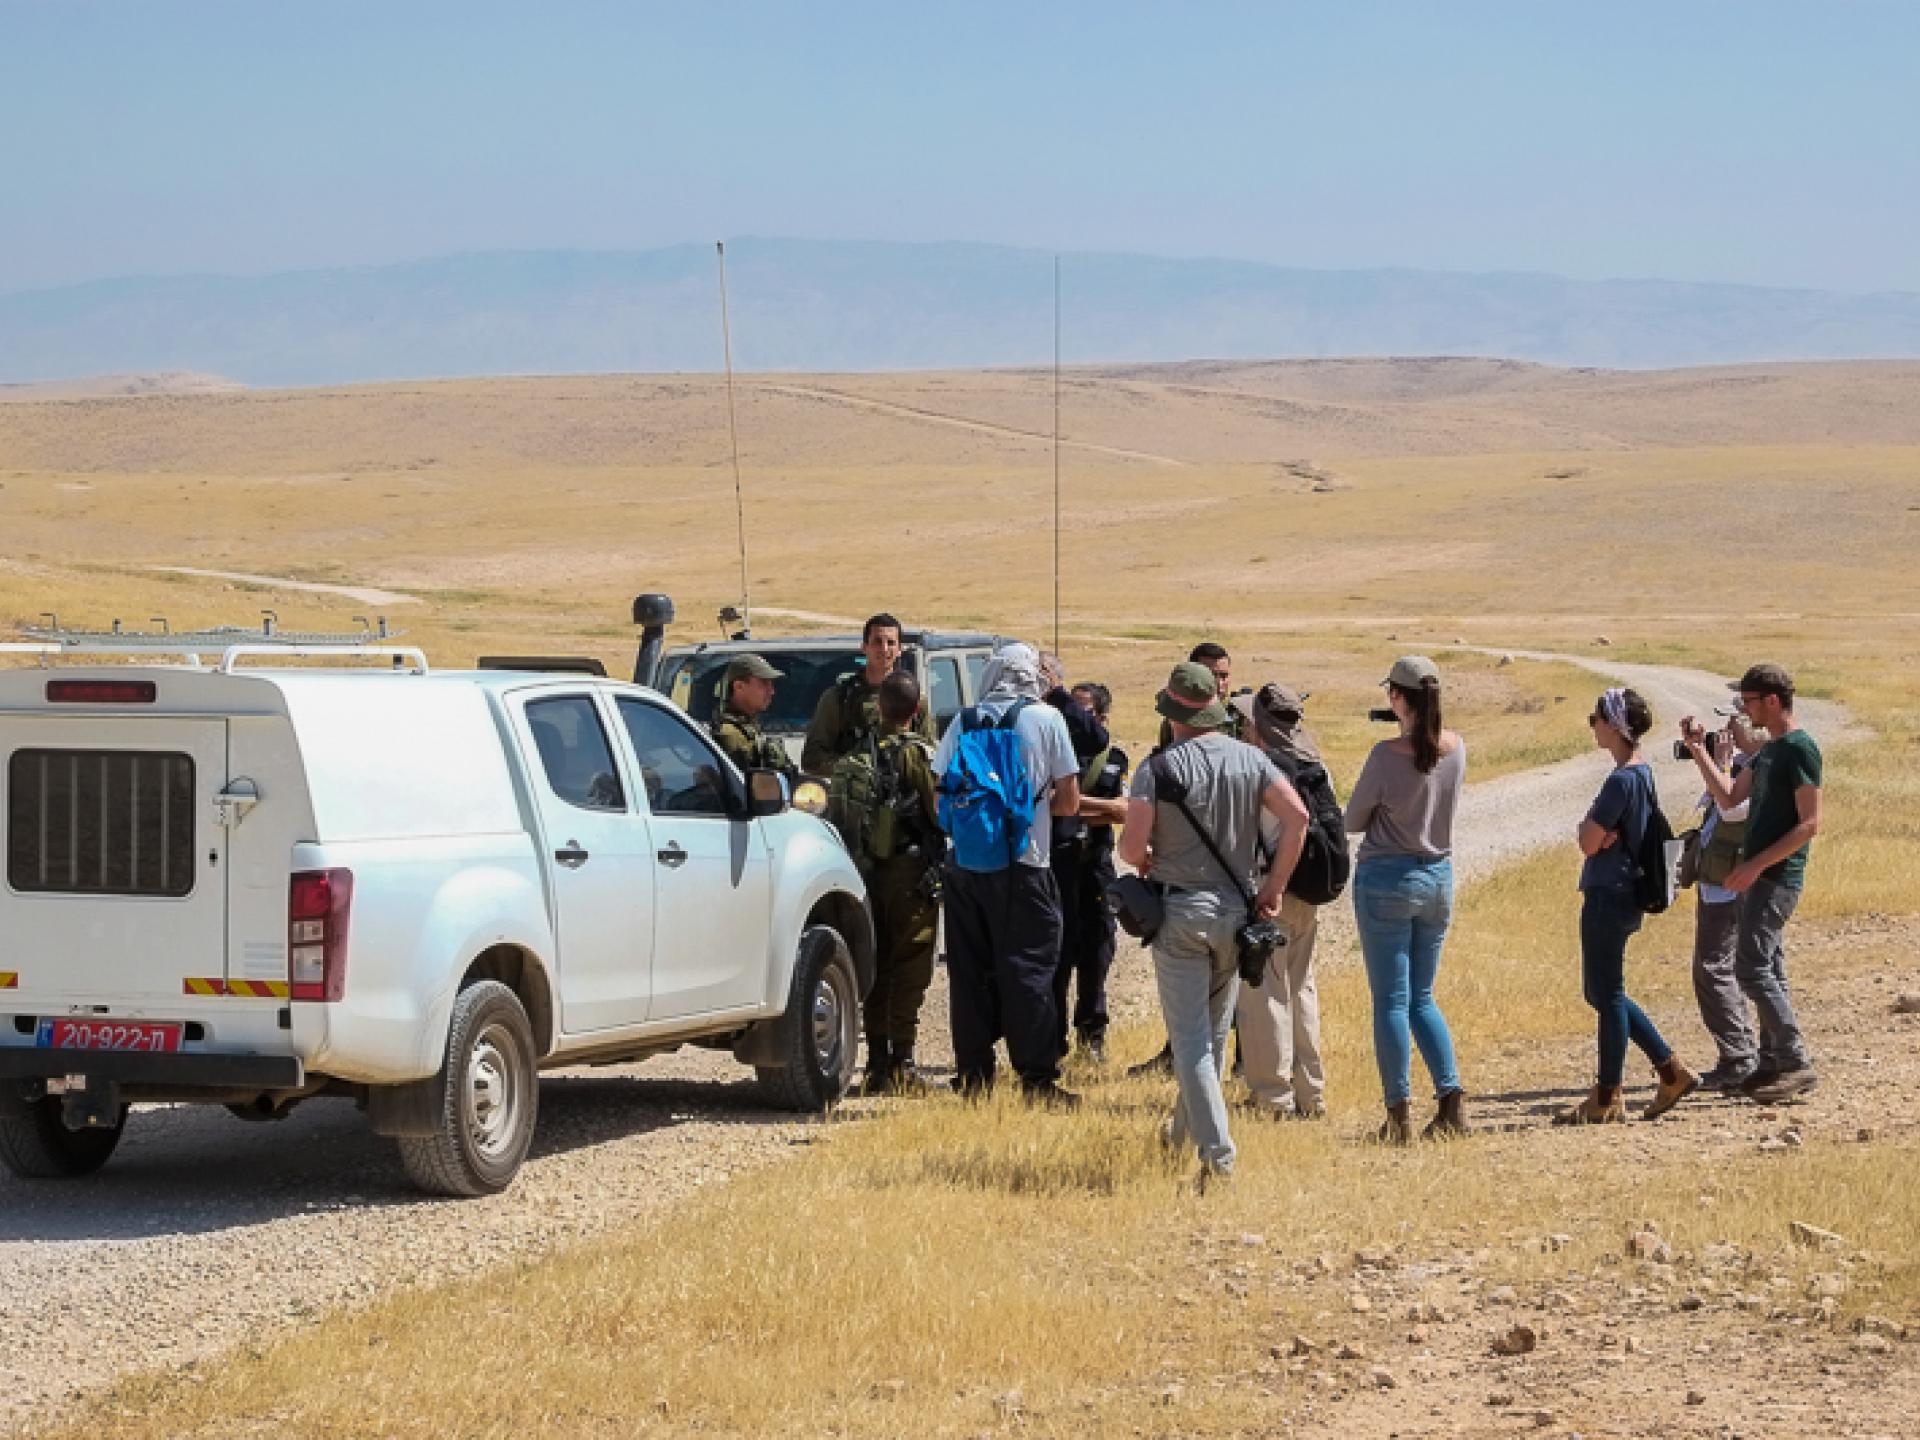 """דרום בקעת הירדן: כאן """"שטח צבאי סגור"""" רק לפלסטינים"""